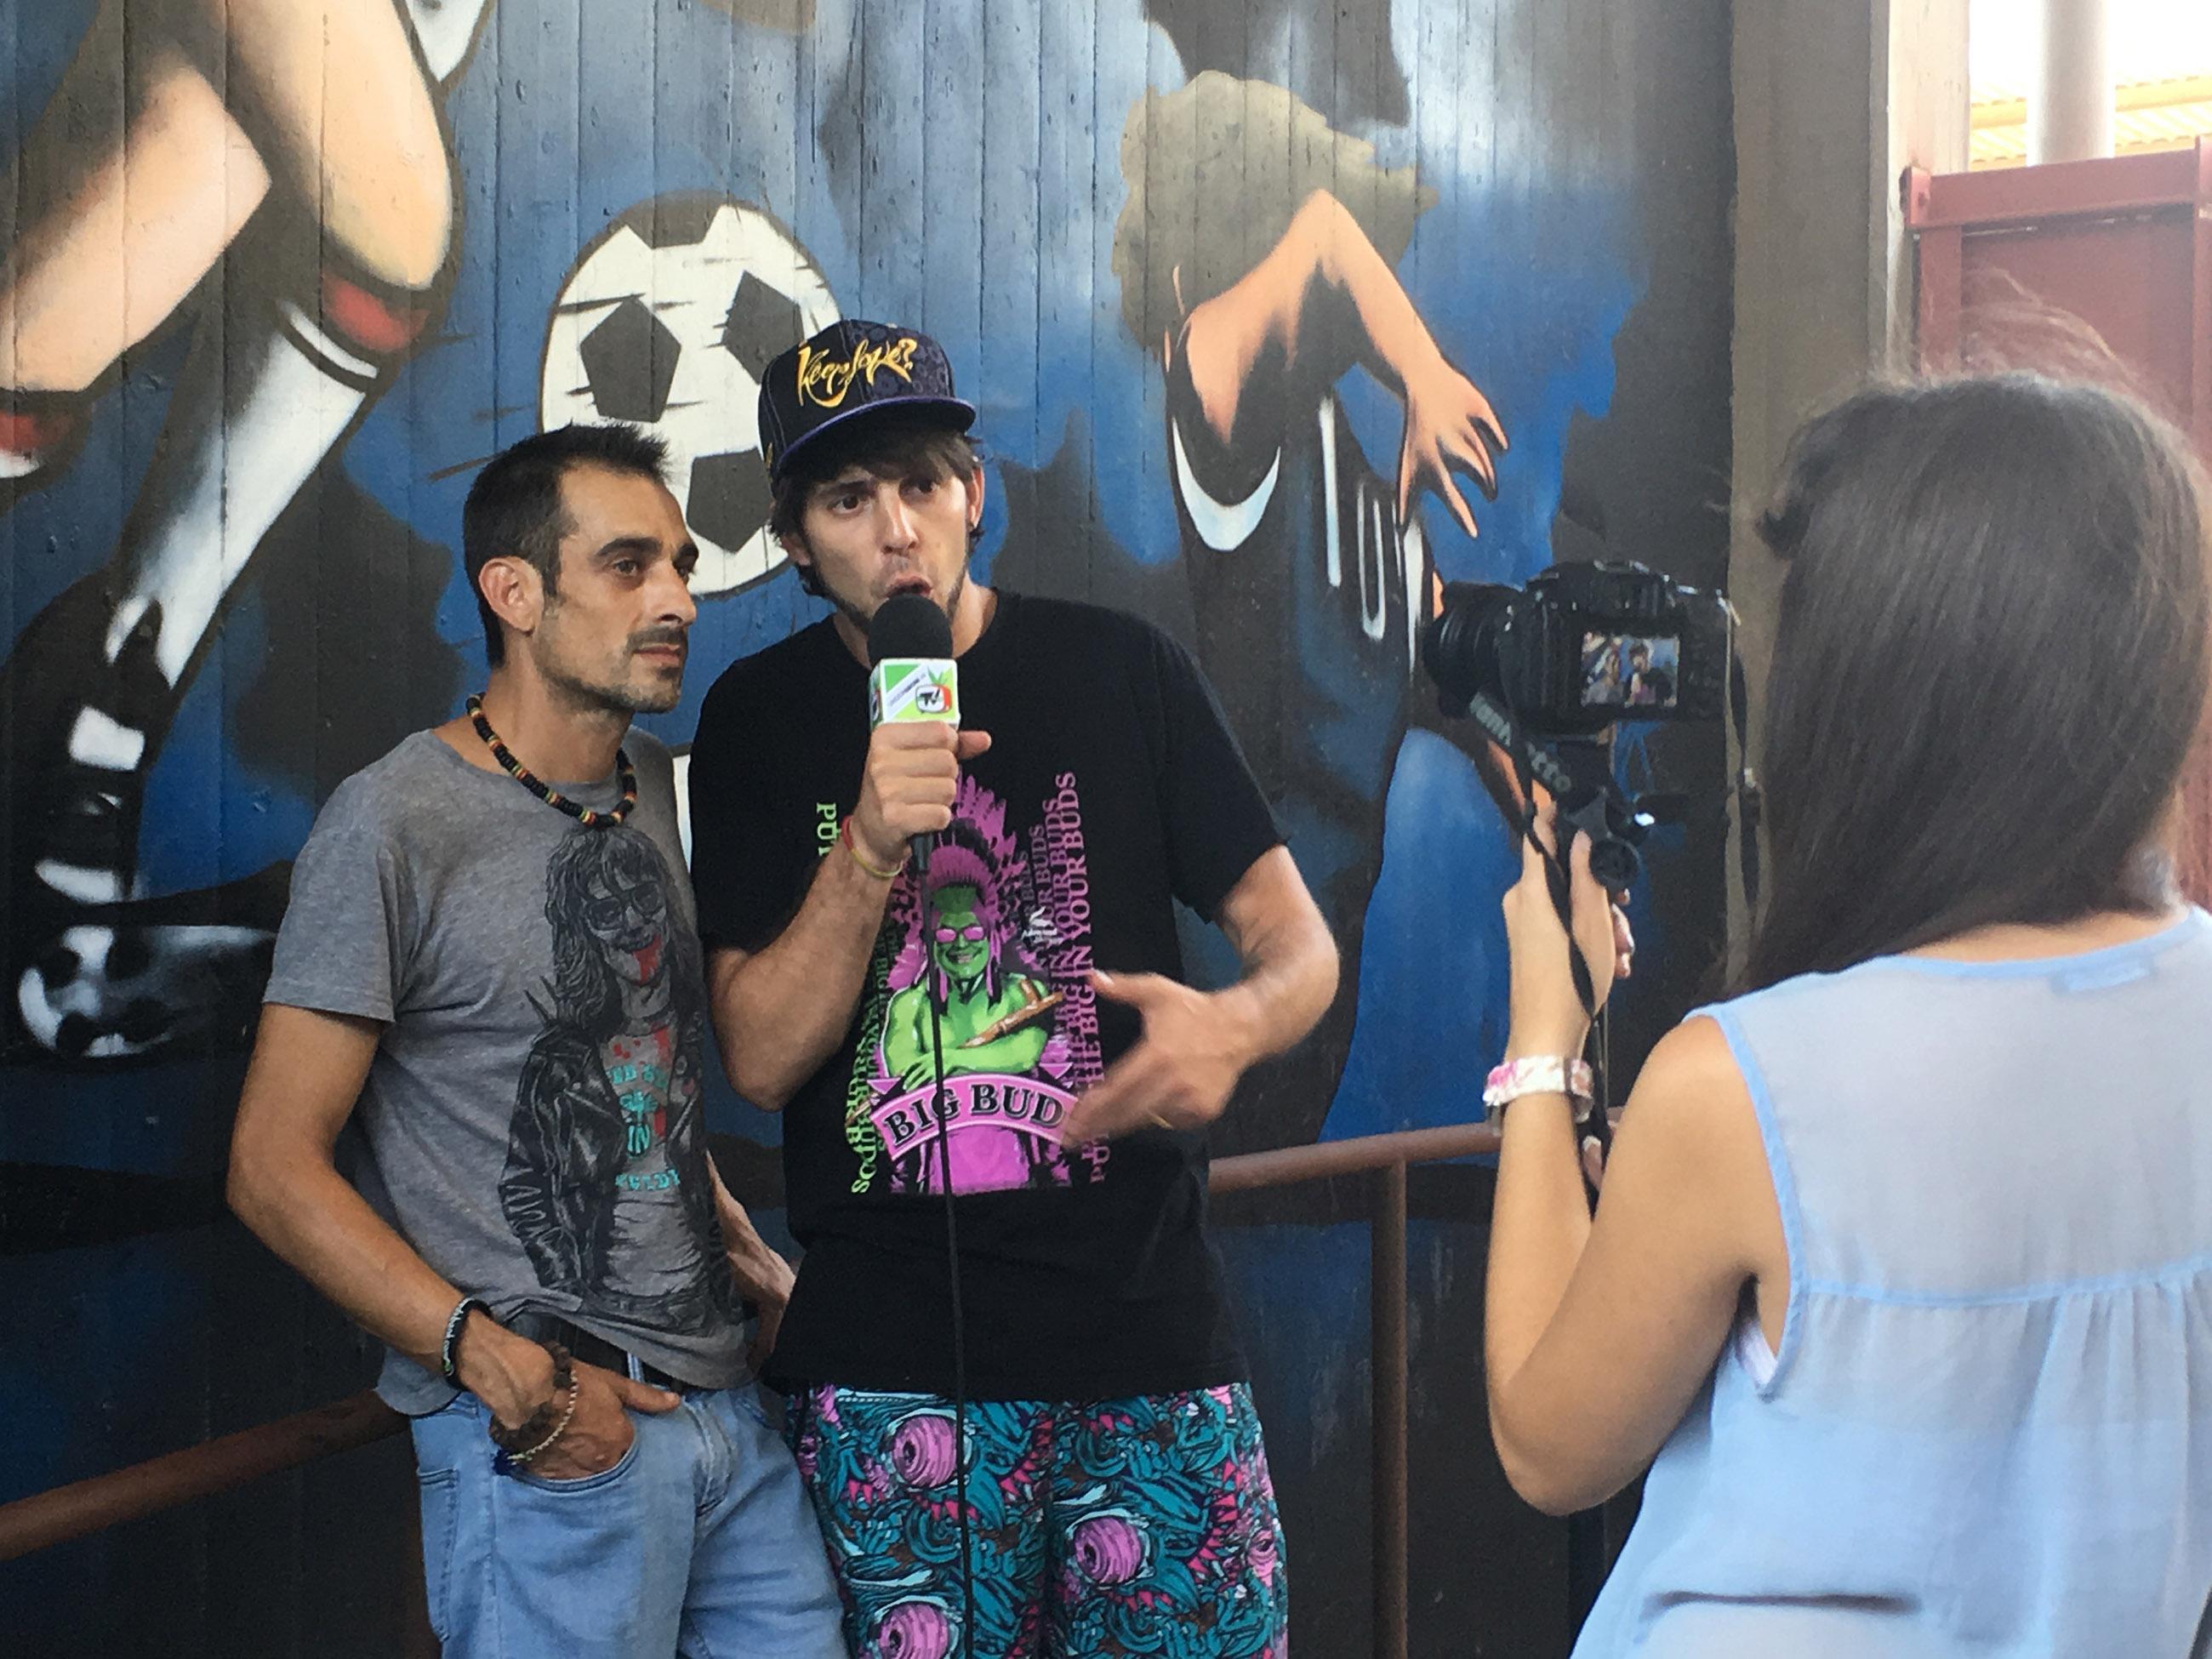 Fotografía de una entrevista entre el activista cannábico Dany Ramos y el entrevistador Maka, que tiene un canal de YouTube enfocado en el cannabis. Ambos miran en dirección a una mujer con una cámara en la mano.